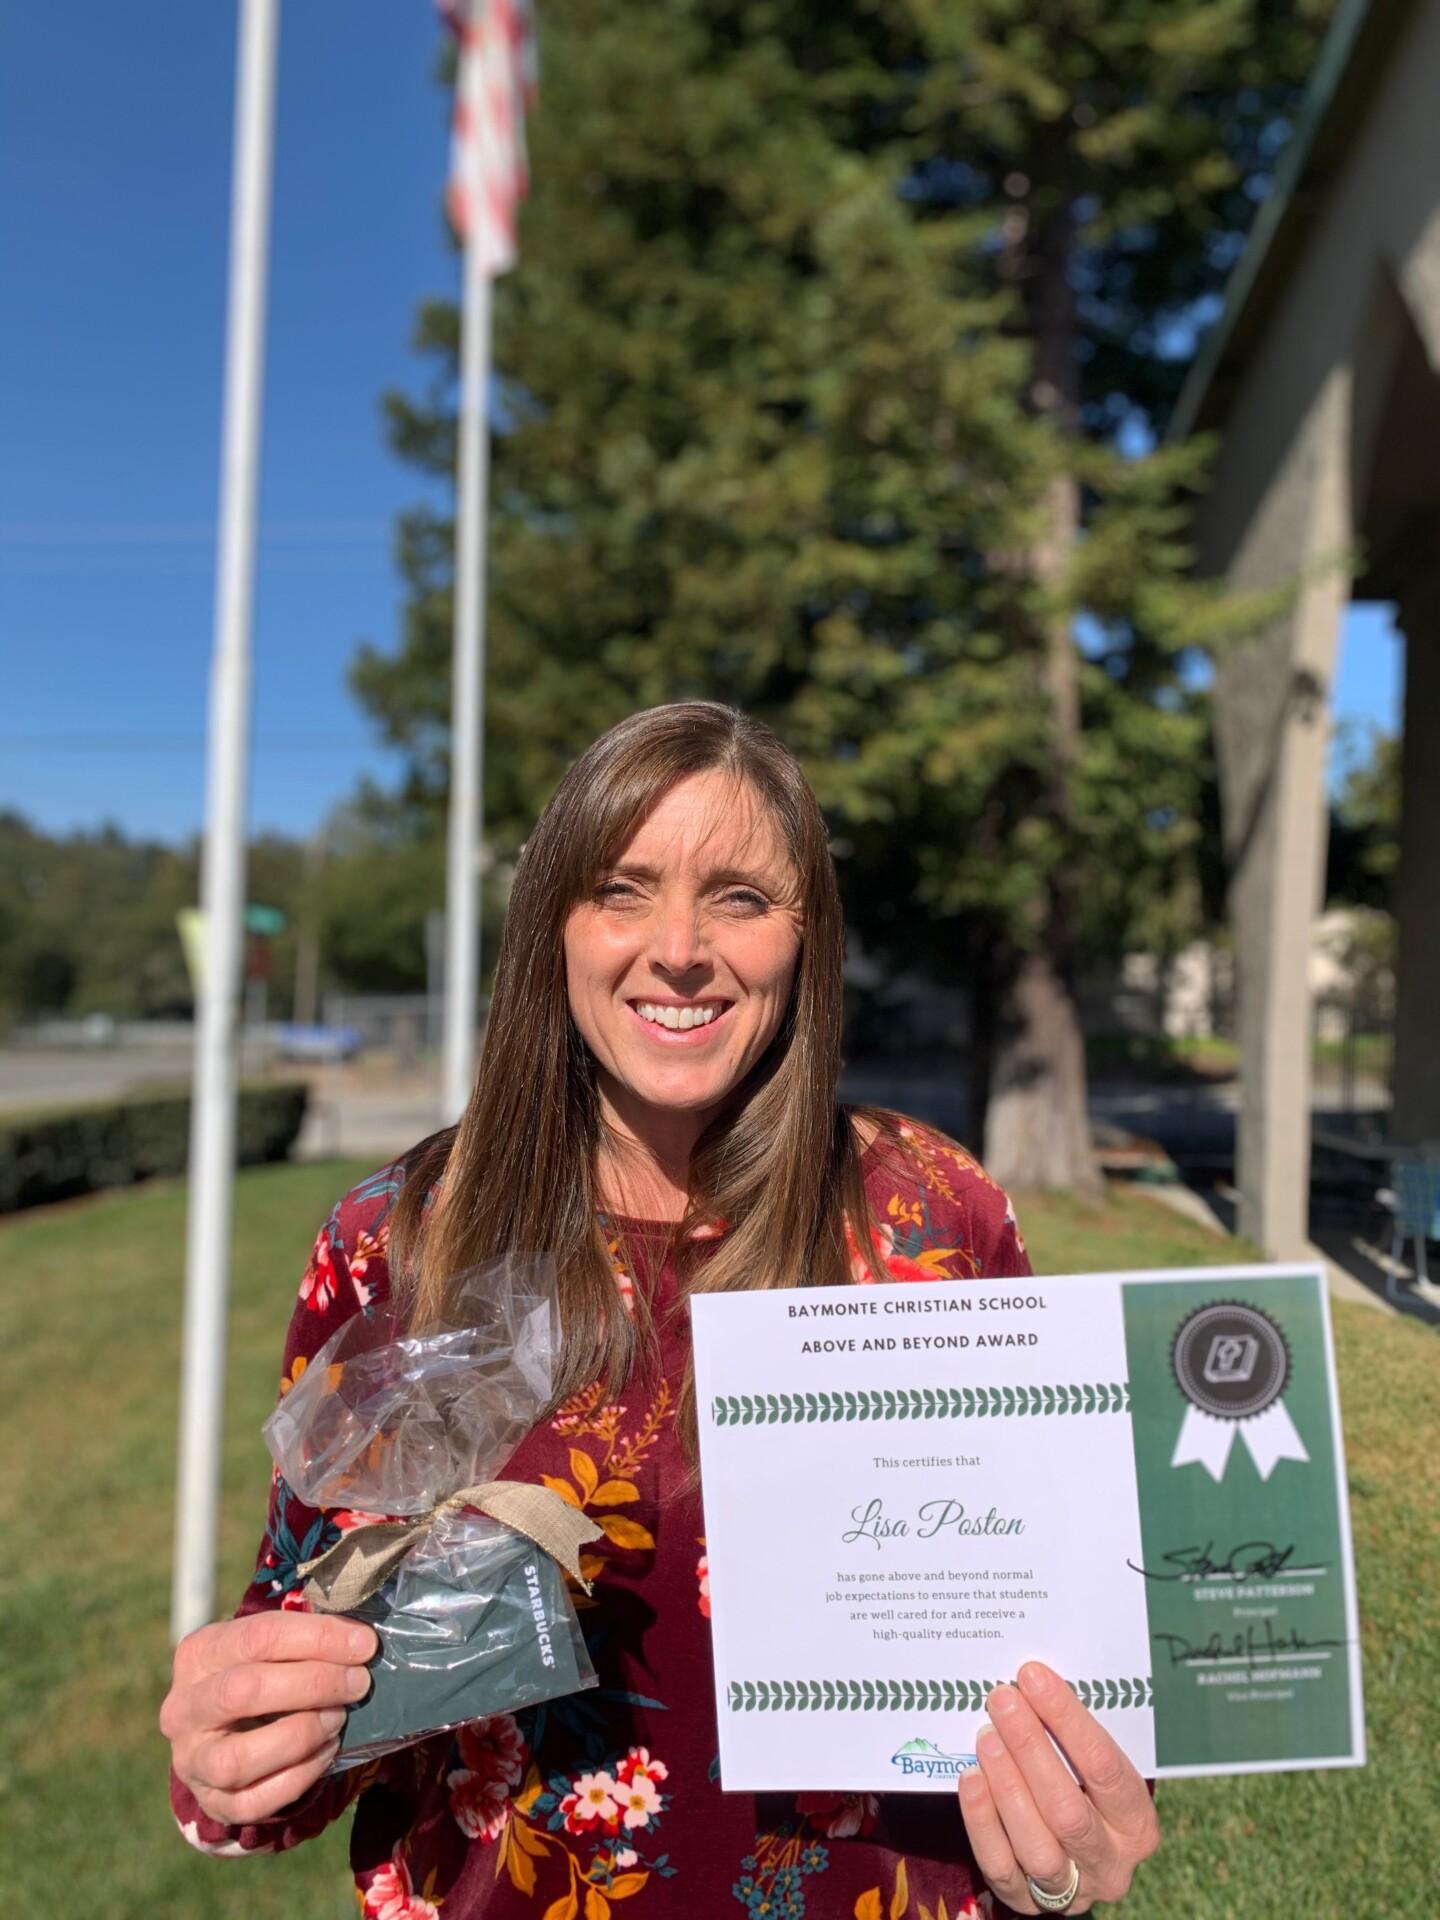 Above and Beyond Award: Lisa Poston